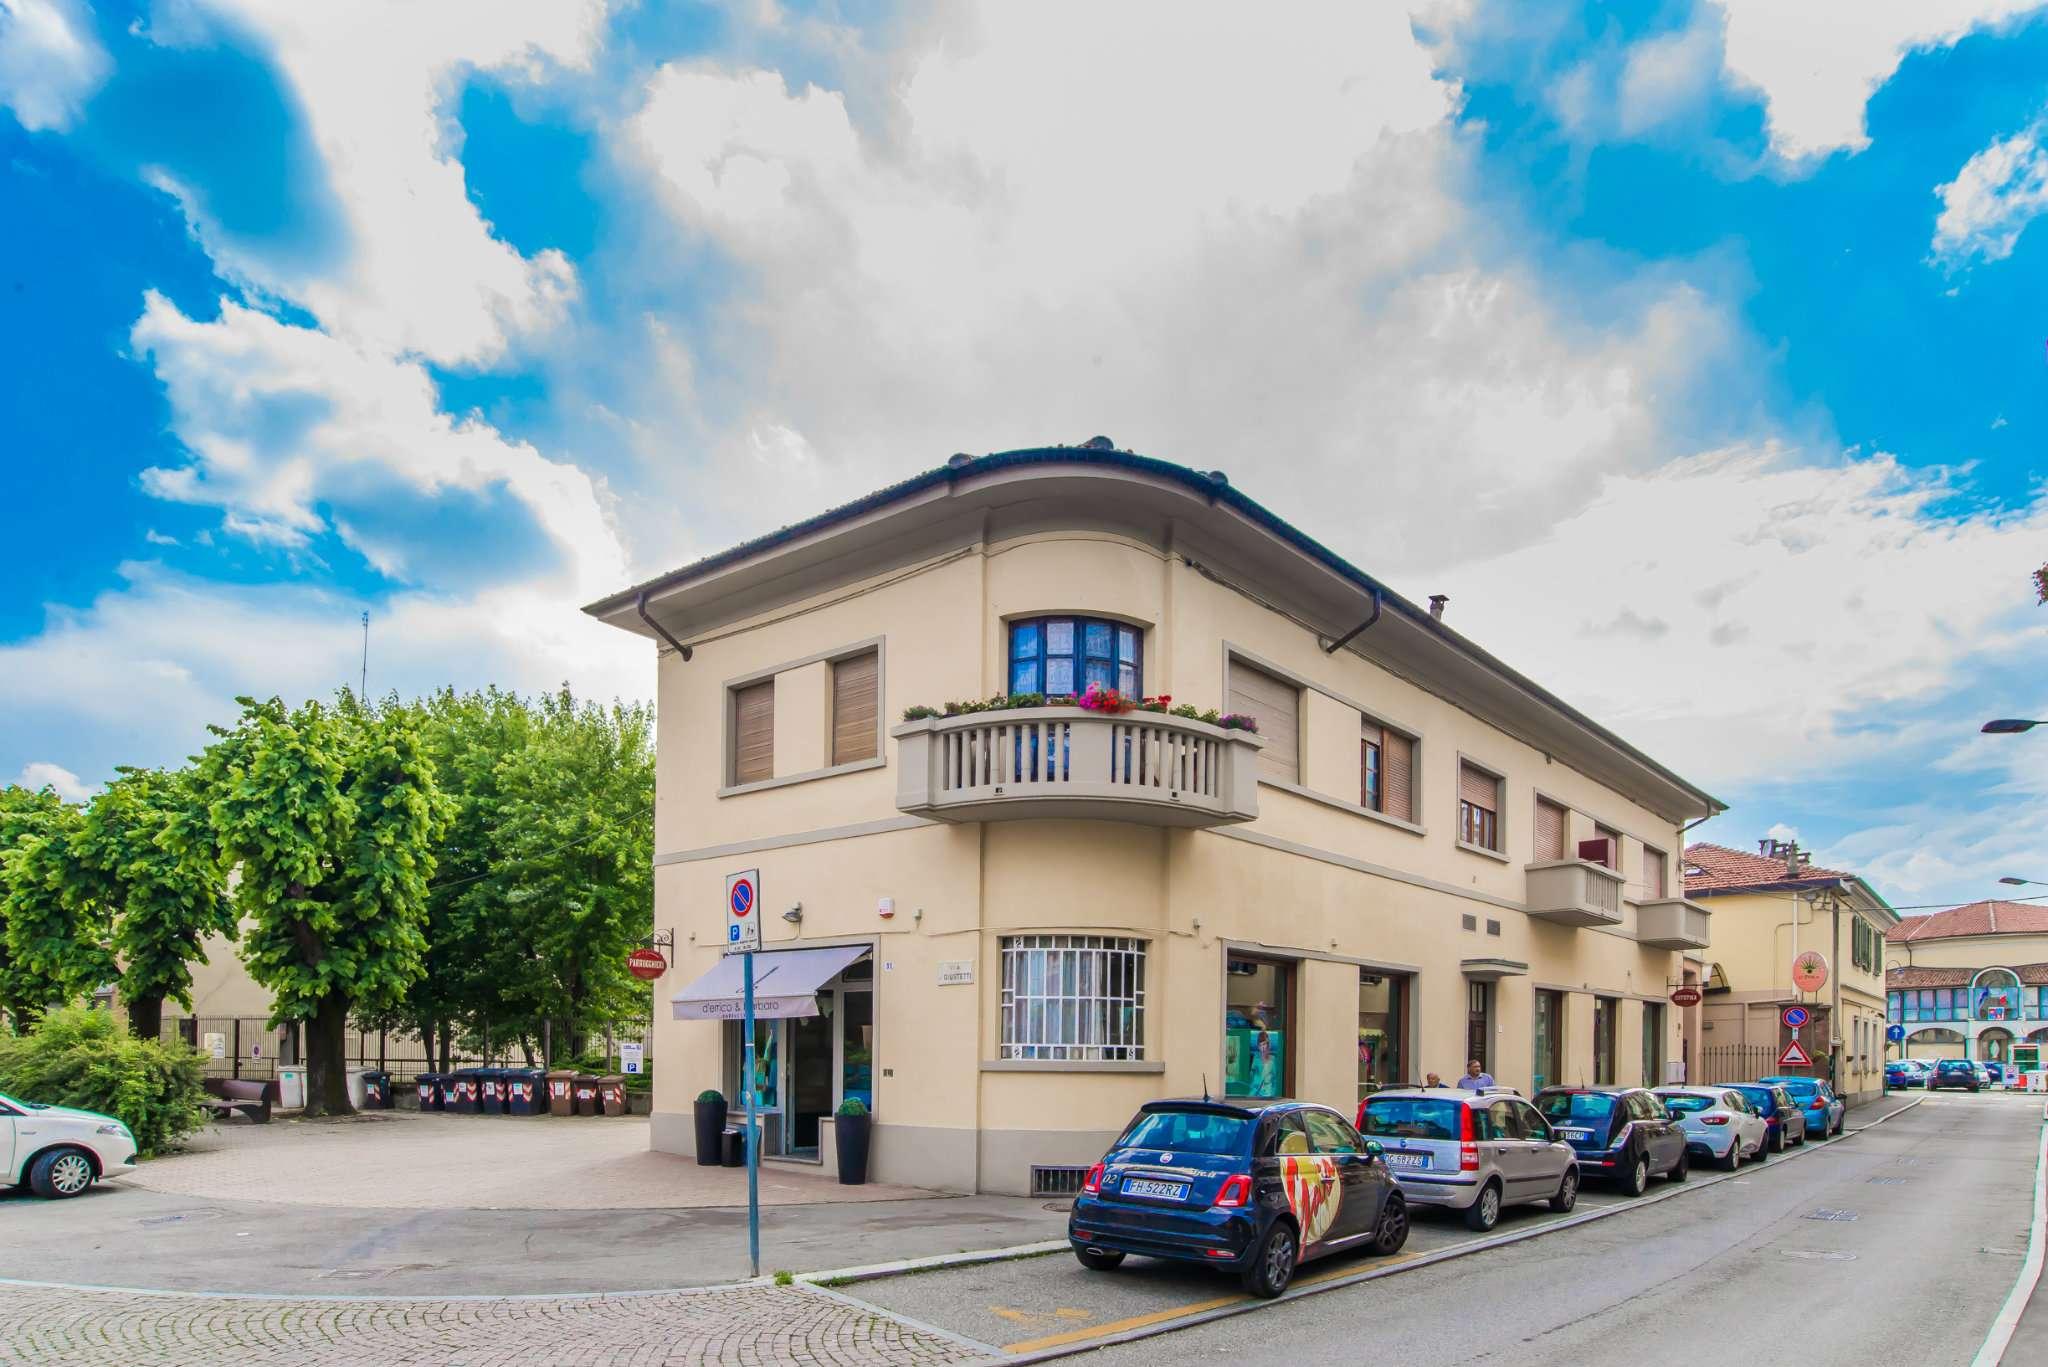 Appartamento in vendita a Grugliasco, 3 locali, prezzo € 179.000 | CambioCasa.it